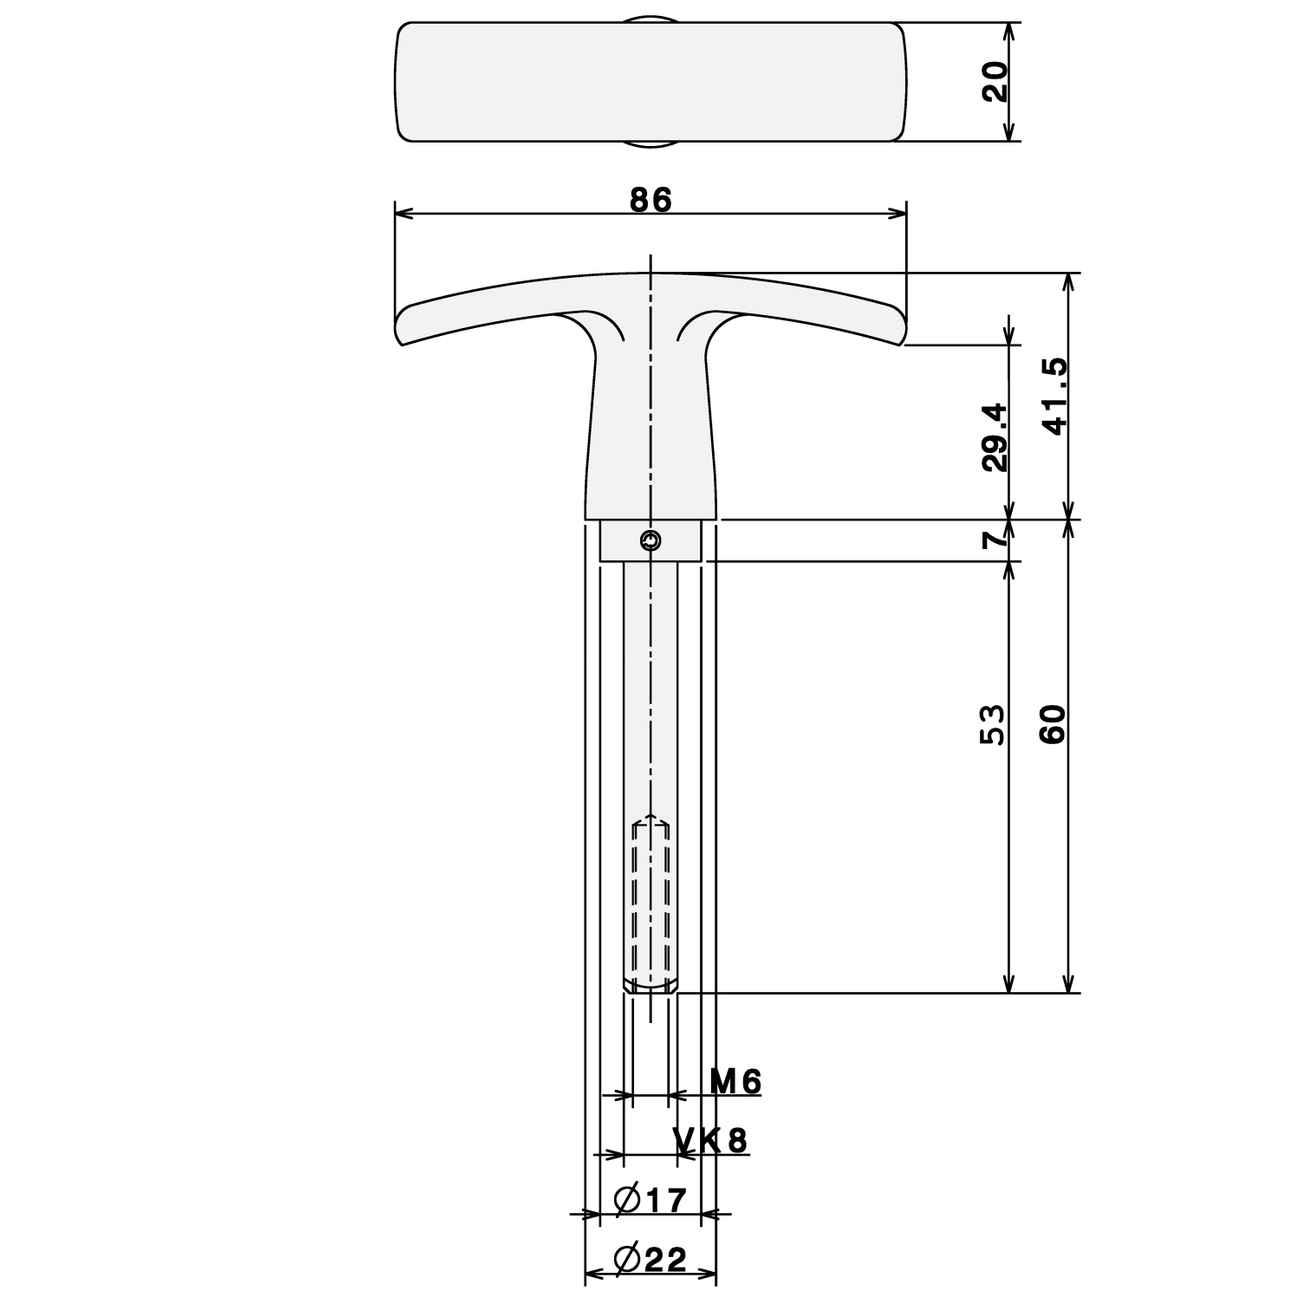 Garagentorgriff Leichtmetall F1 8x60 Griff Garagentor – Bild 2